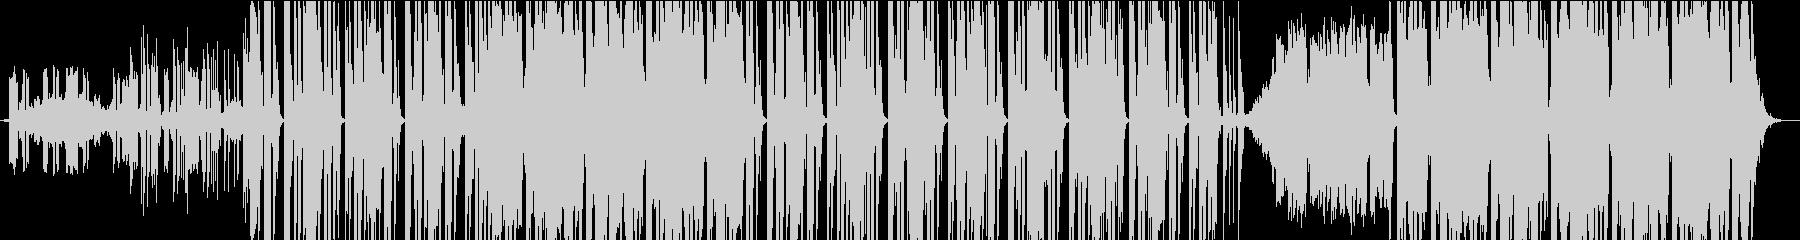 ポップ テクノ アンビエント アク...の未再生の波形